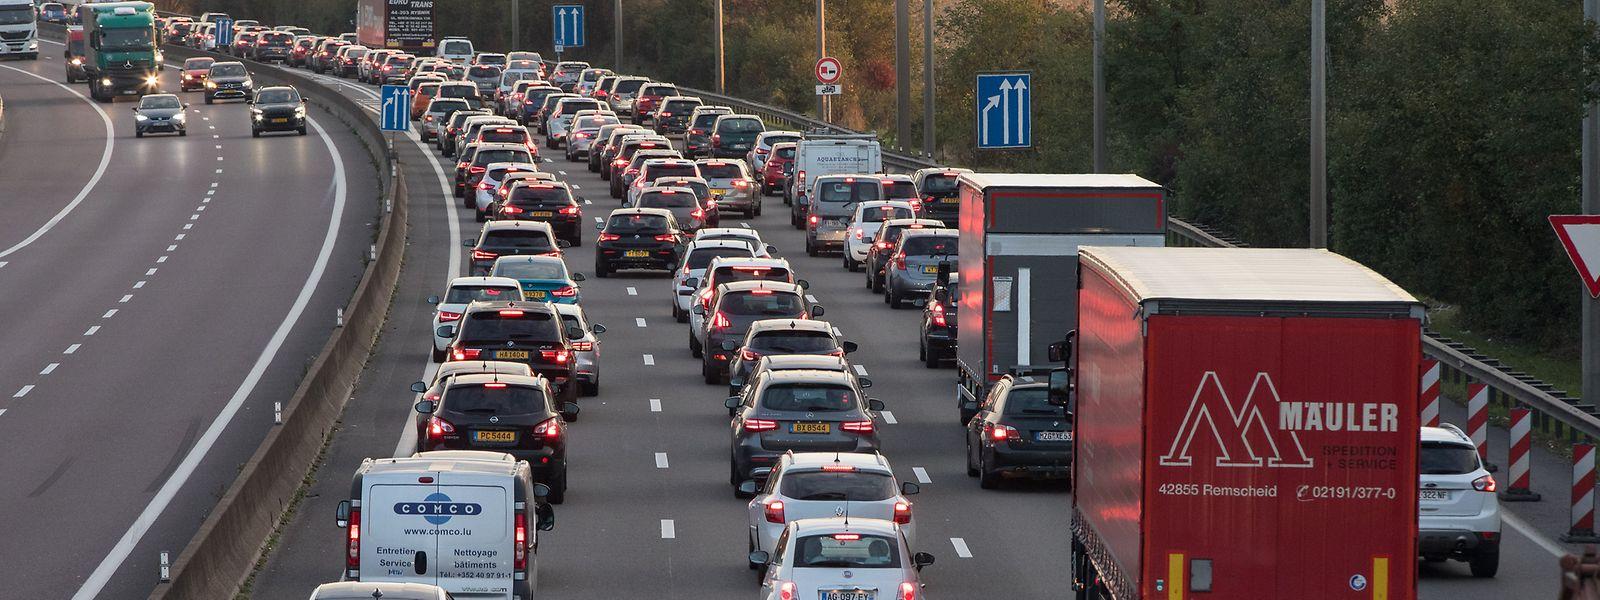 Nach der Datenerhebung fahren die Autofahrer im Großherzogtum durchschnittlich 65 Minuten pro Tag.